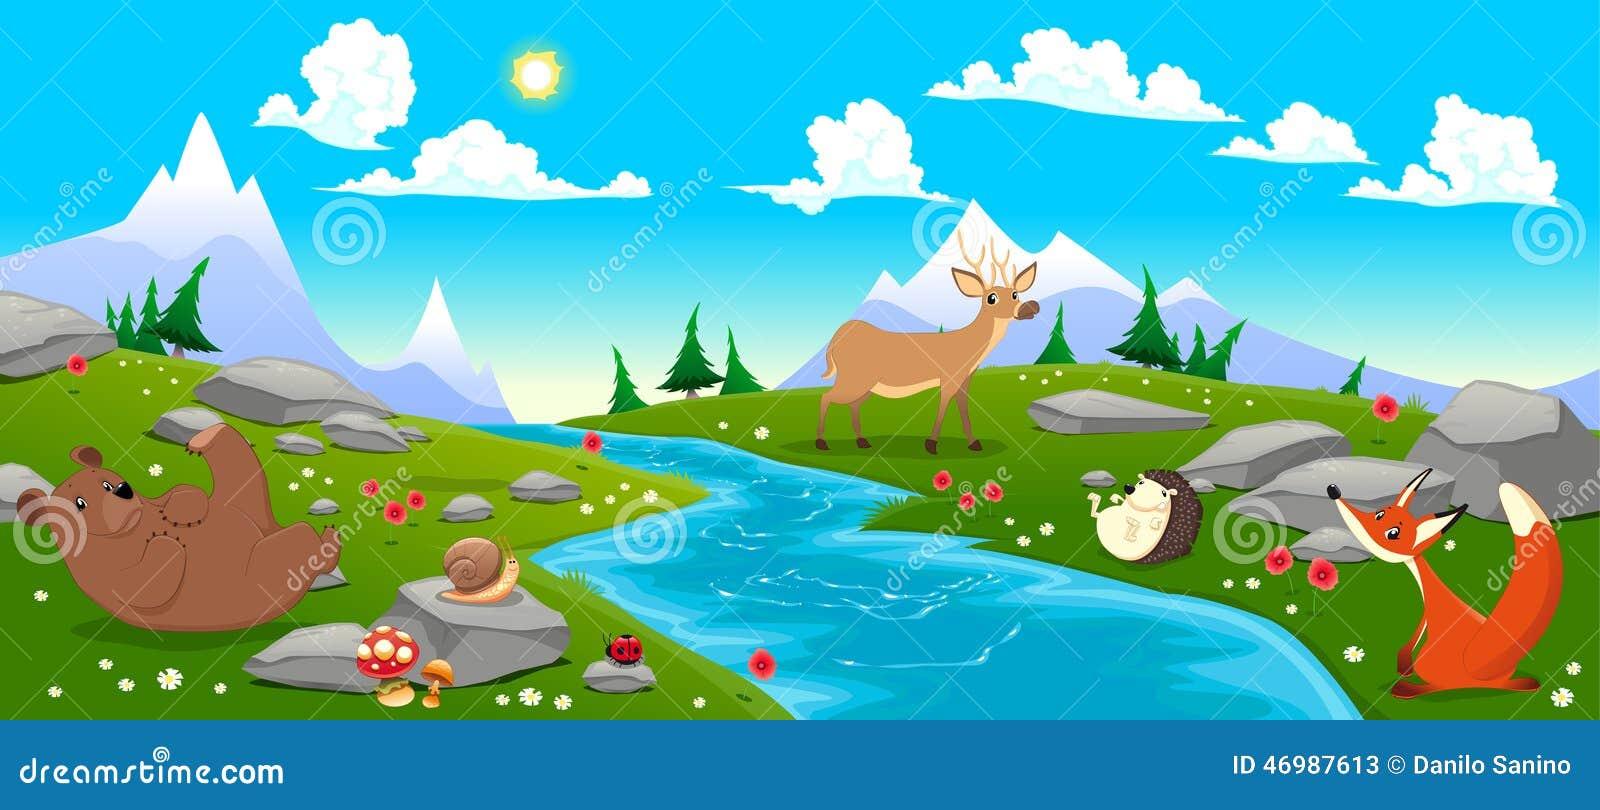 Berglandschap met rivier en dieren